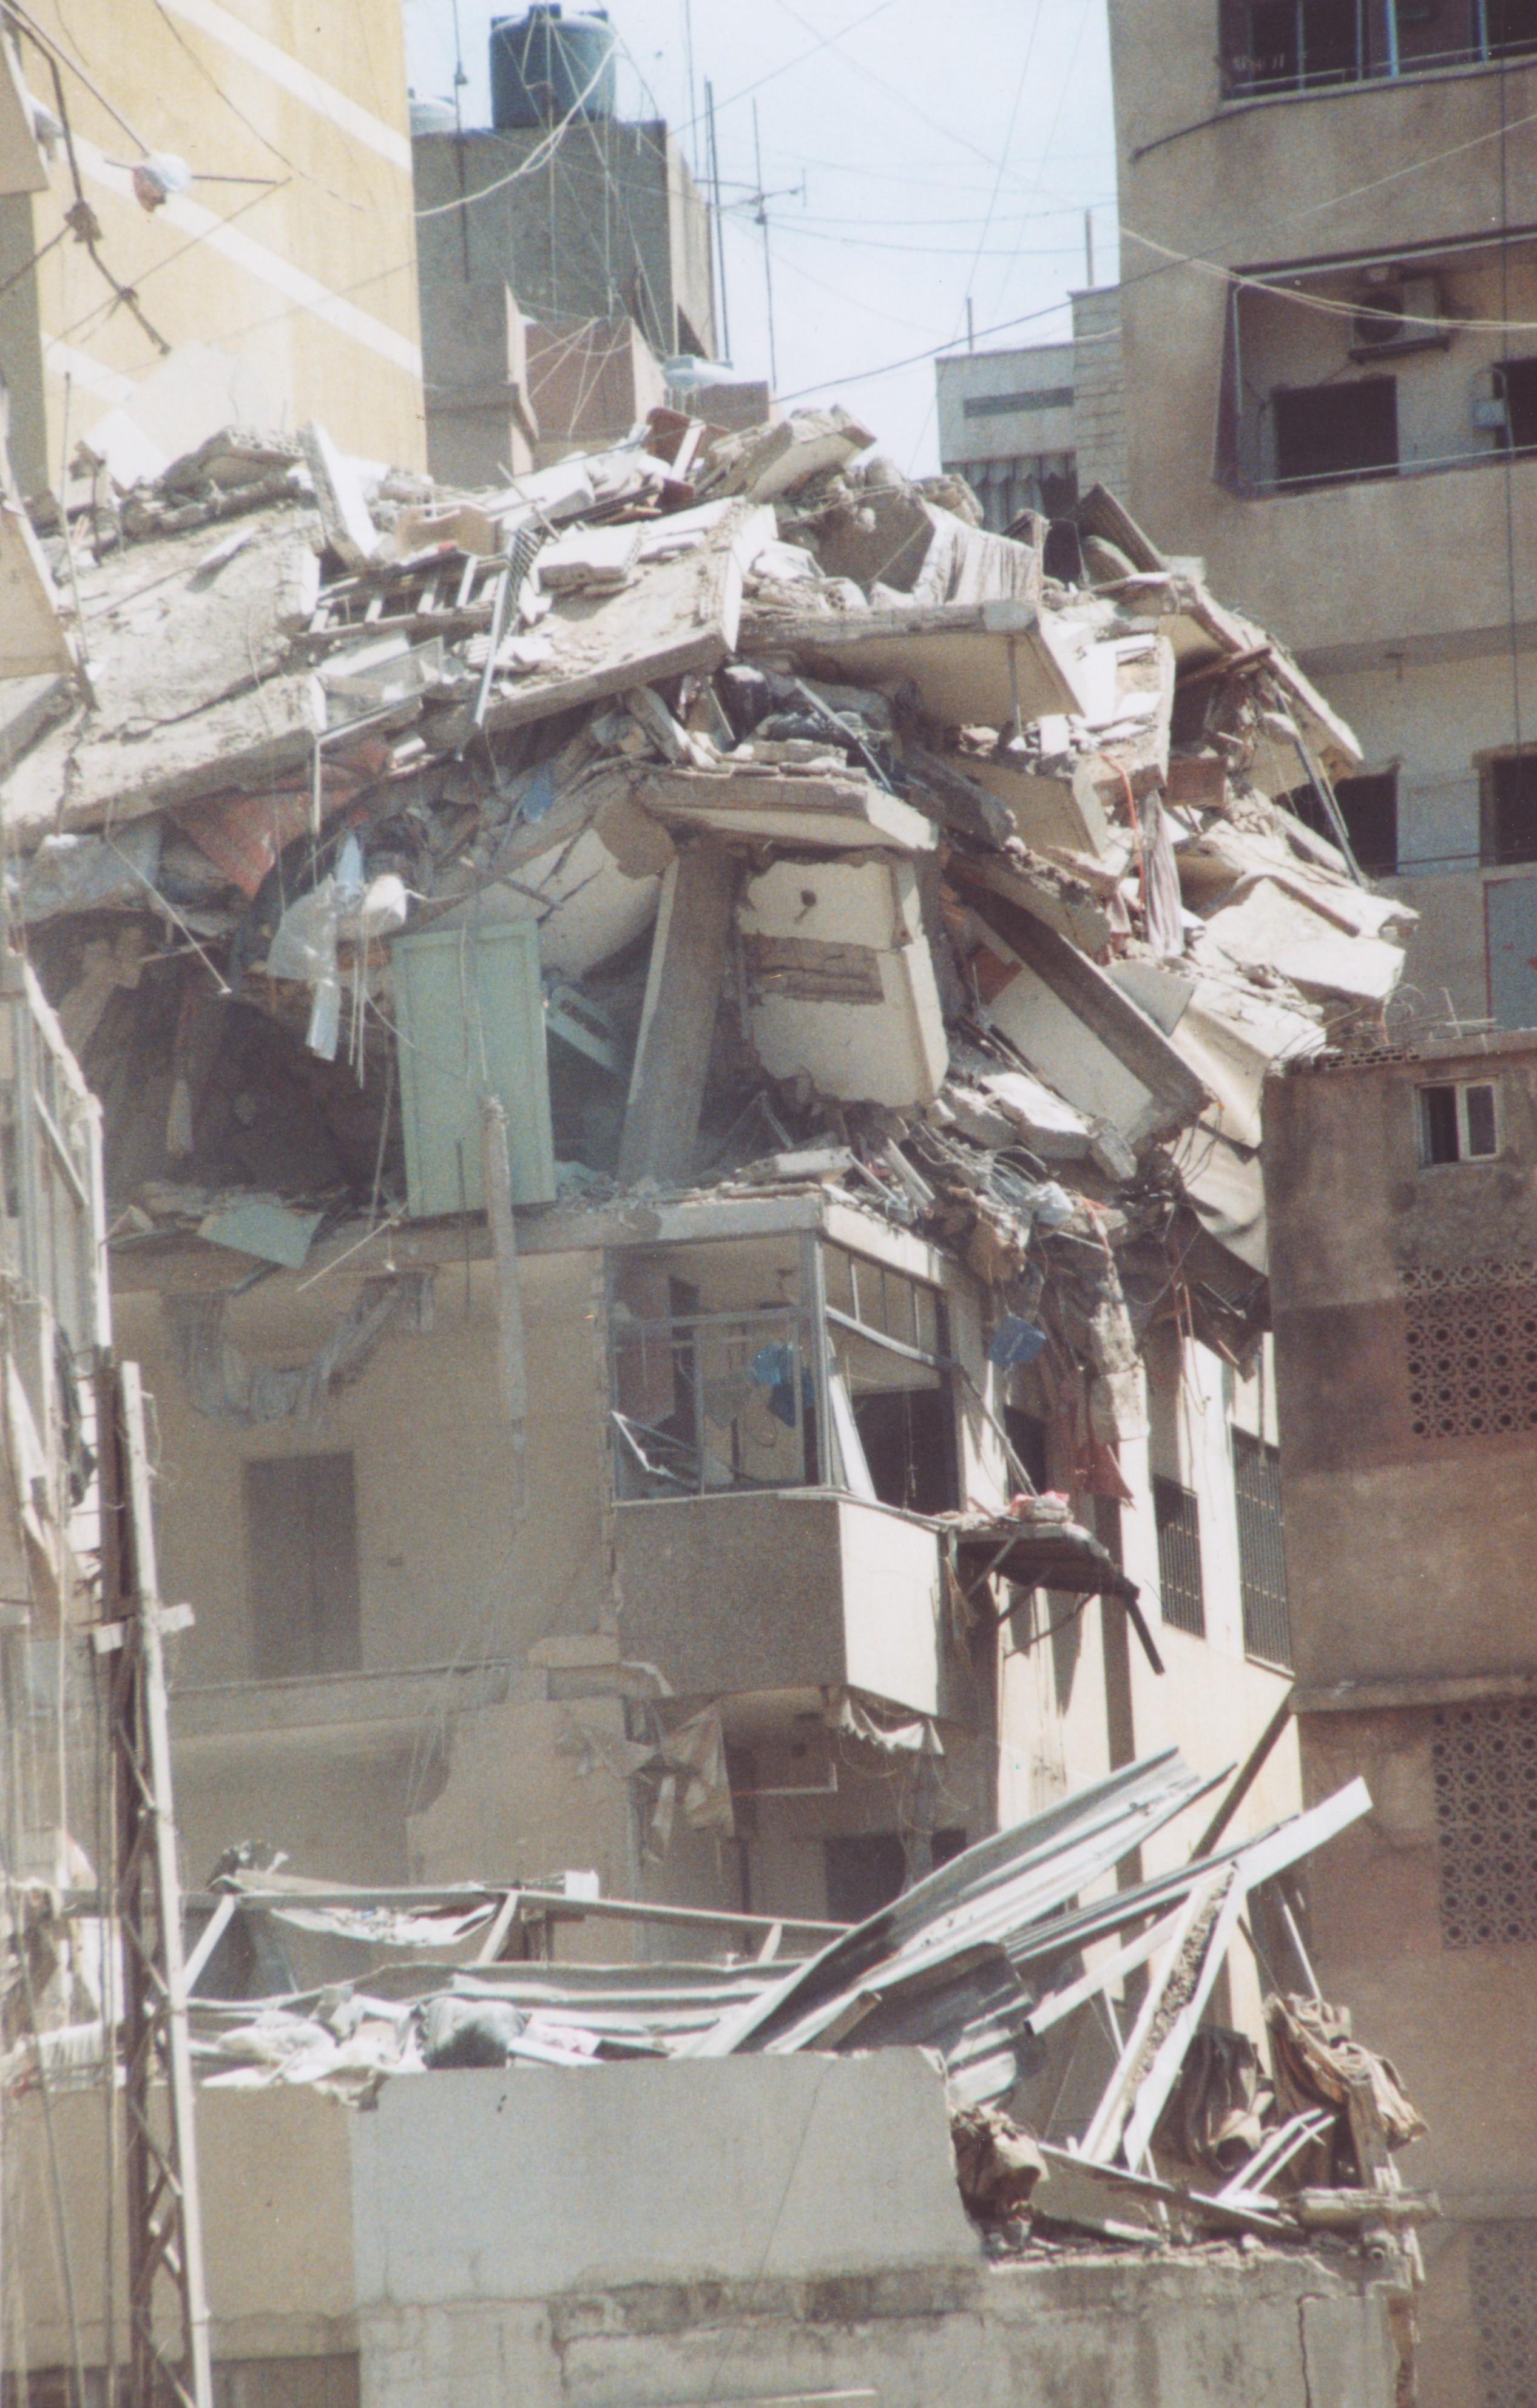 Foto di Valentina Perniciaro _Beirut e i bombardamenti israeliani, agosto 2006_